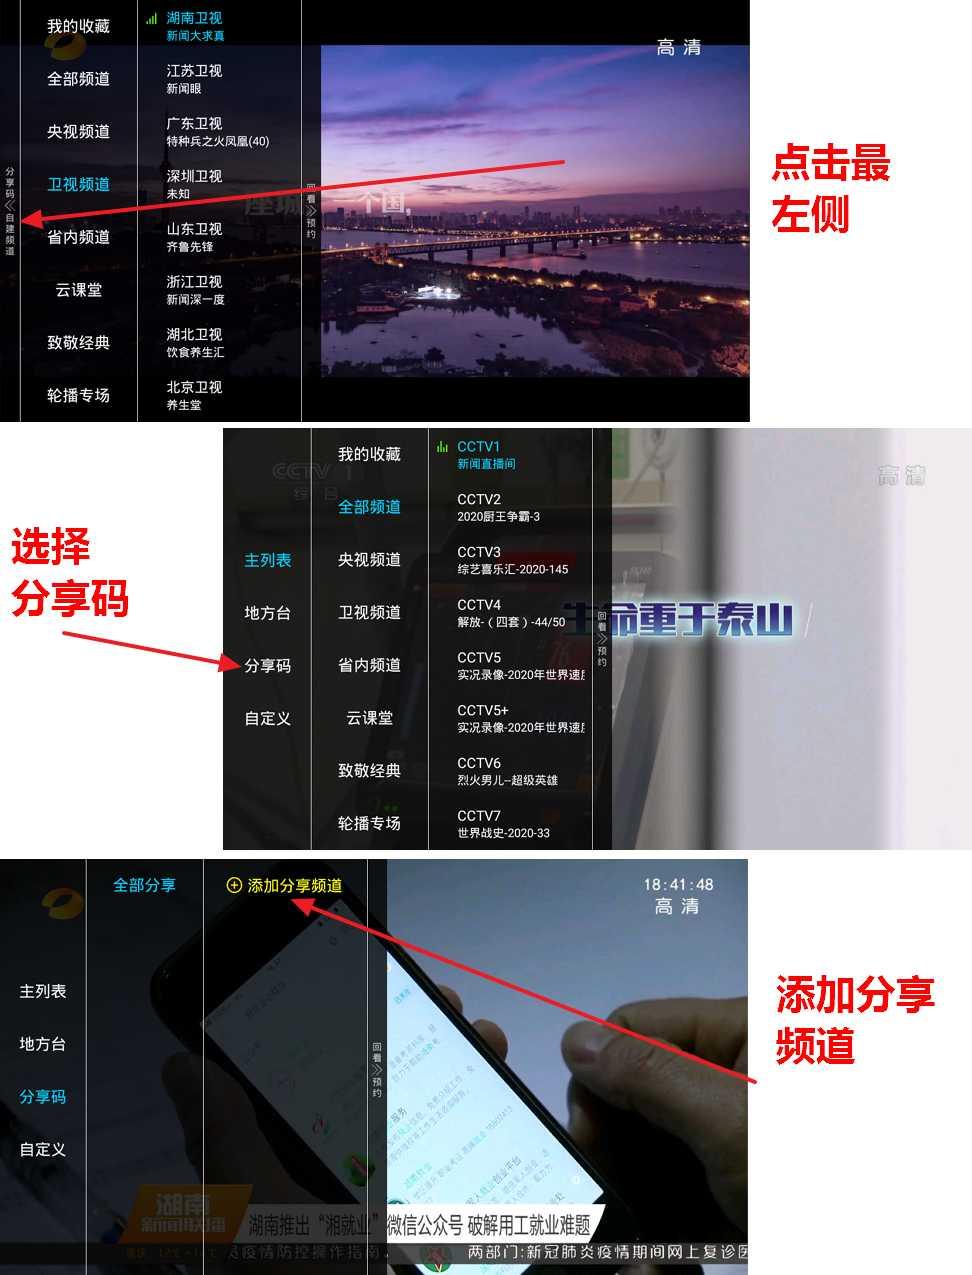 亿家直播1.2.4去广告版 国内盒子直播-第5张图片-分享者 - 优质精品软件、互联网资源分享